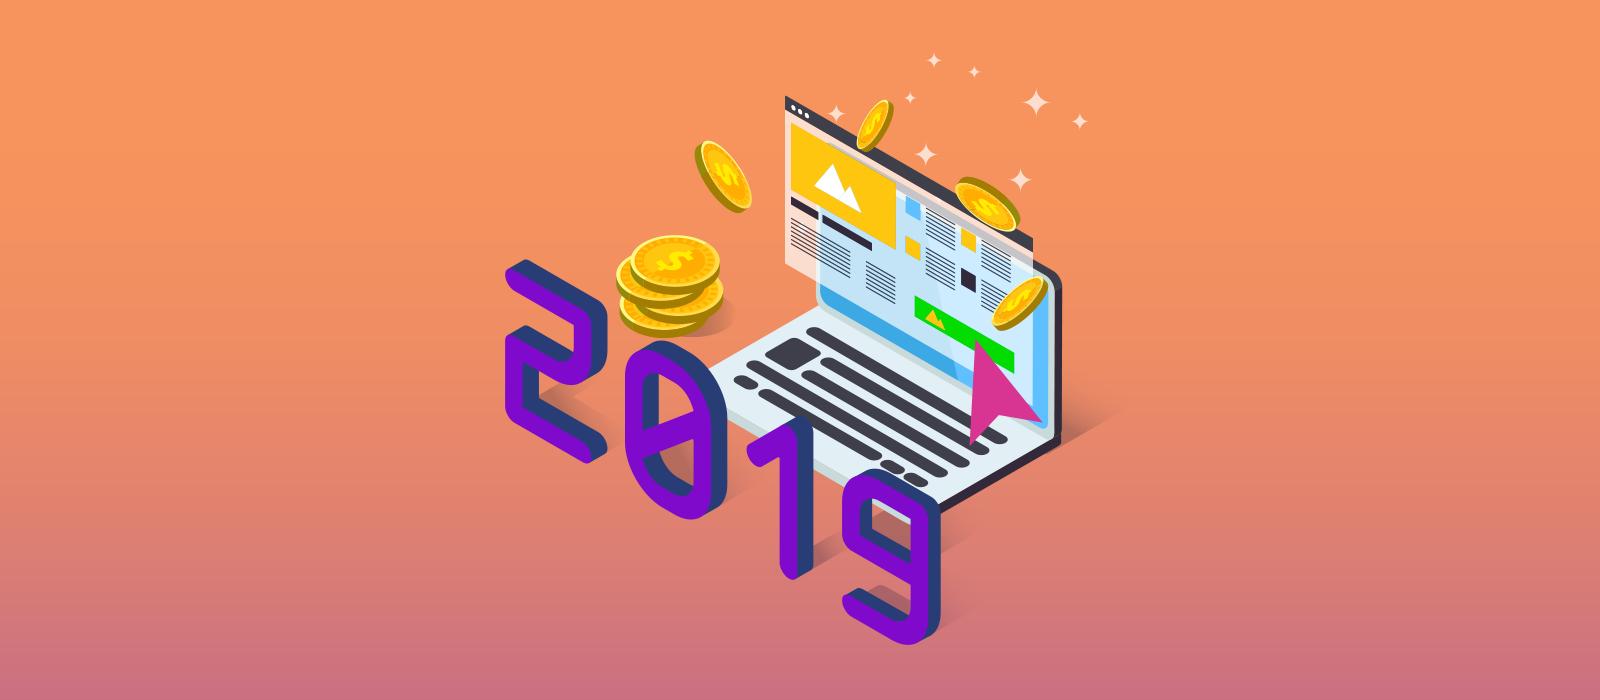 SEO-in-2019